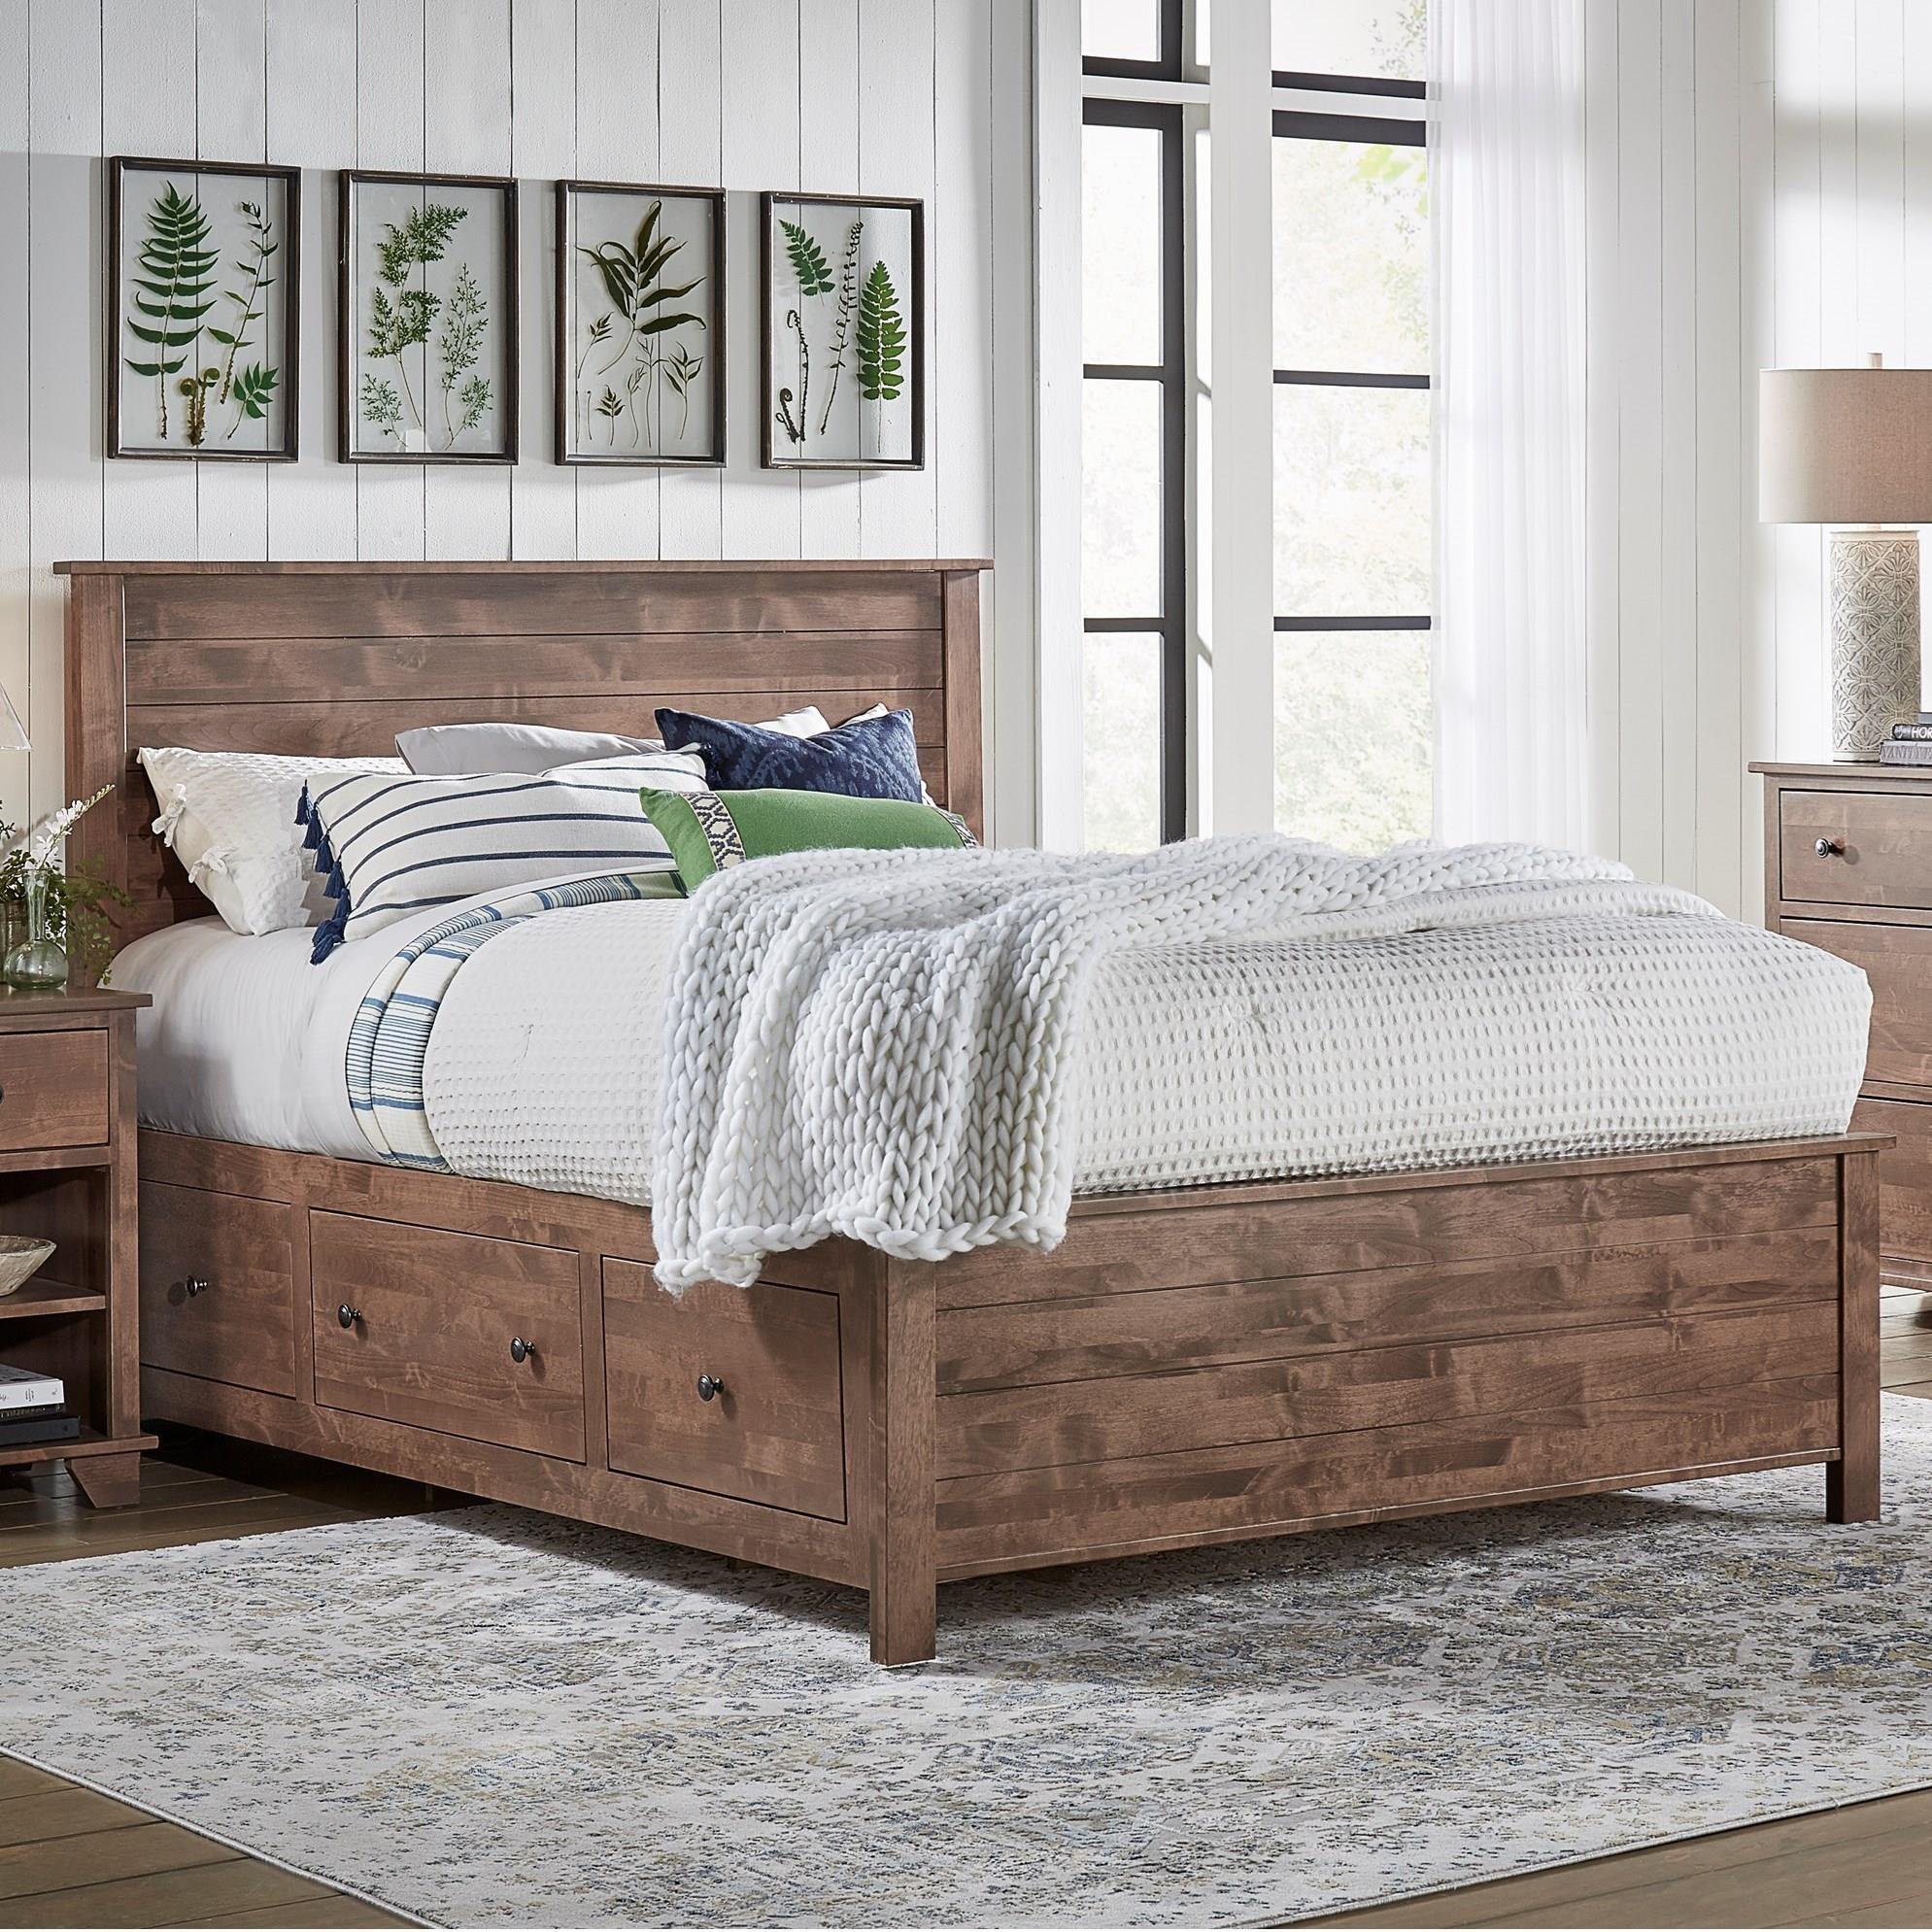 Queen Shiplap Storage Bed